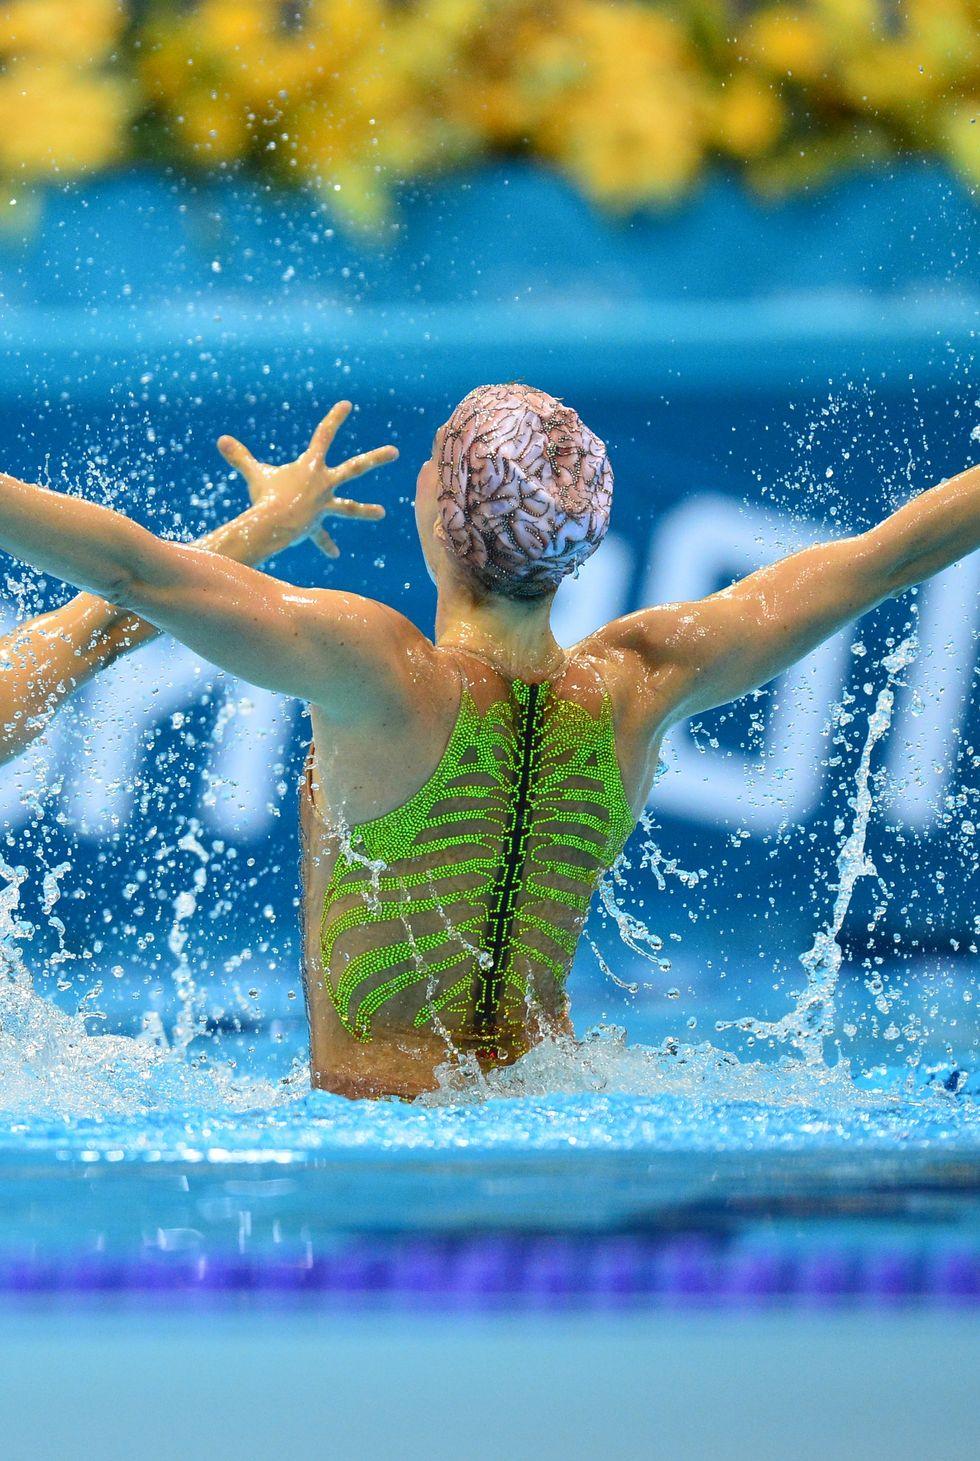 2012: Синхронните плувкини на Бразилия Лара Тейшейра и Наяра Фигейра плуват в двойка и смело избират тоалетите си за Олимпиадата. Предната част на костюмите изобразява сърце, задната - ребра, а шапките - мозъци.